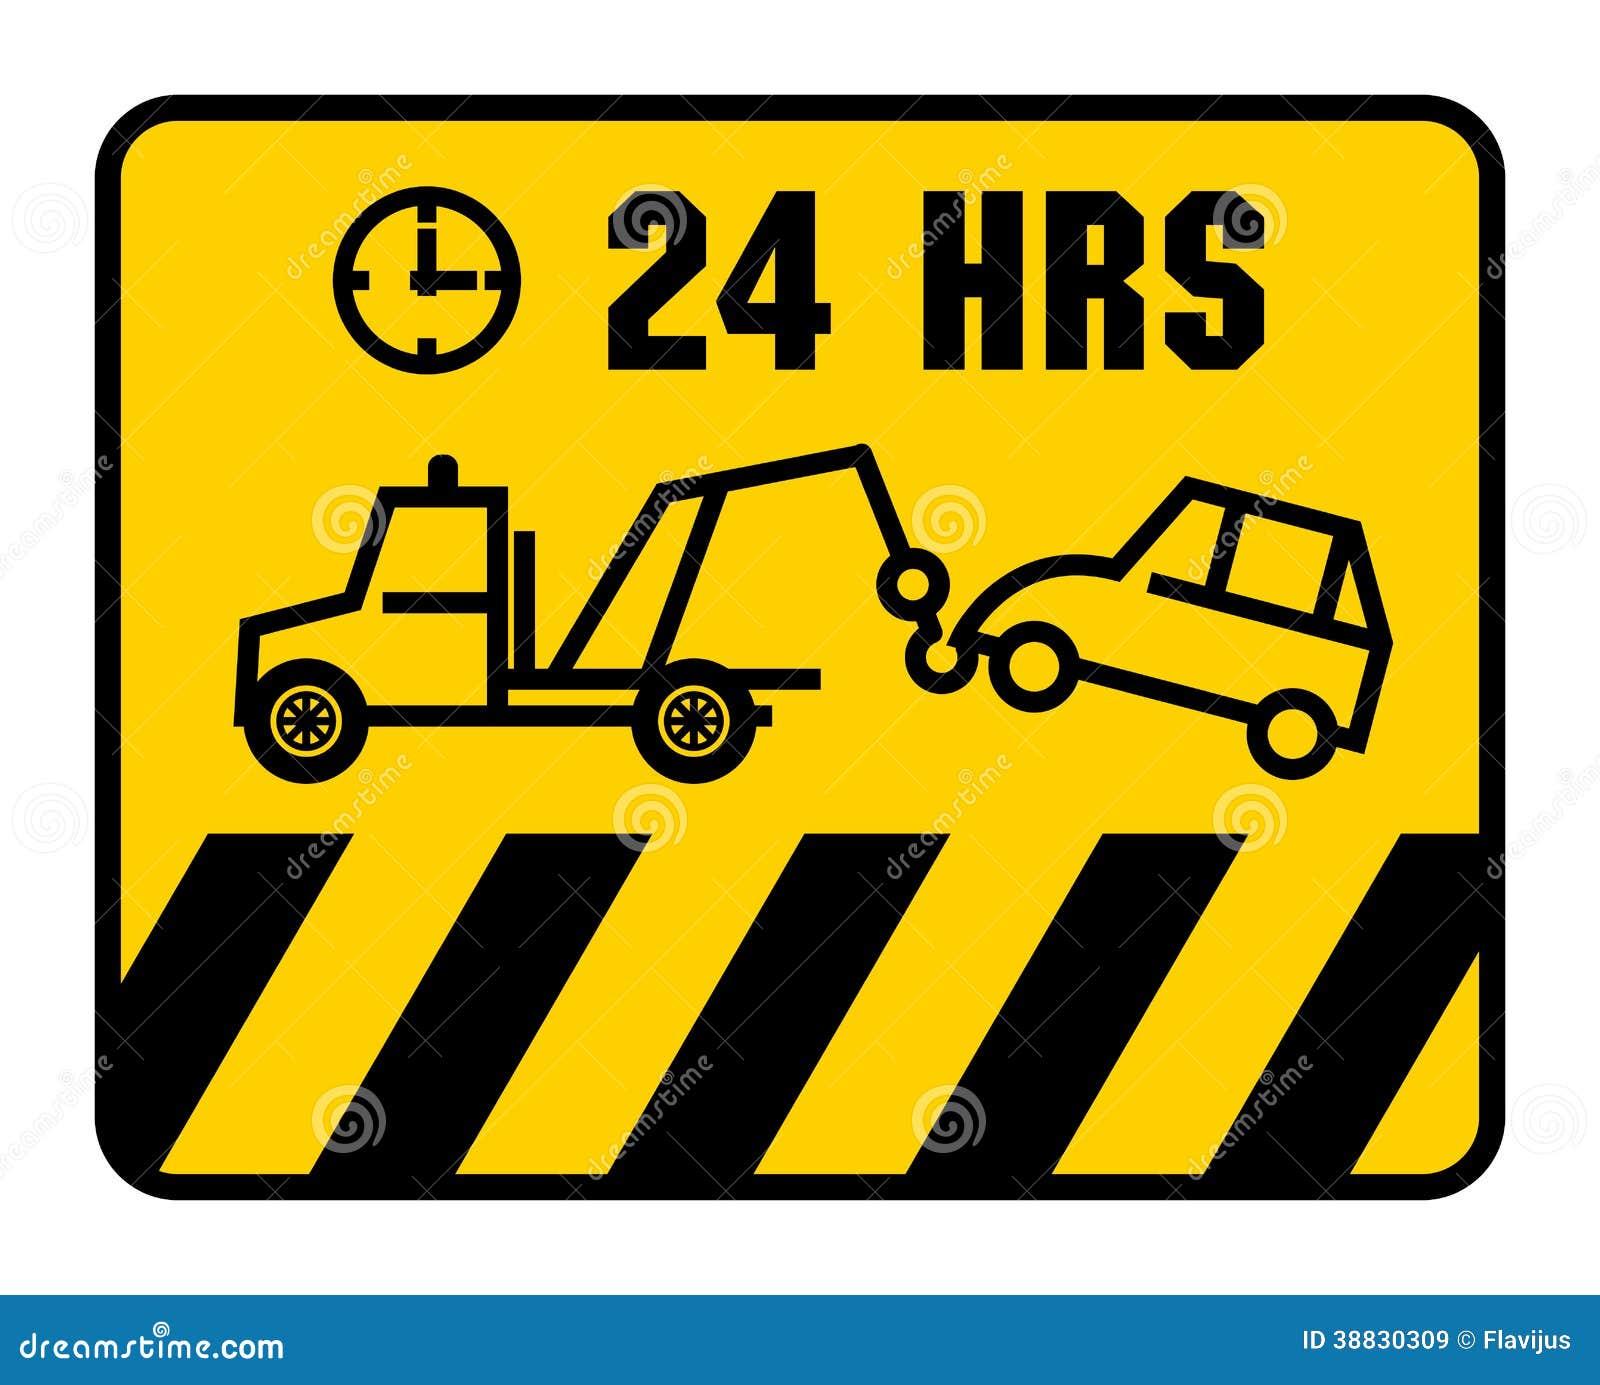 Señal de tráfico - estacionamiento prohibido